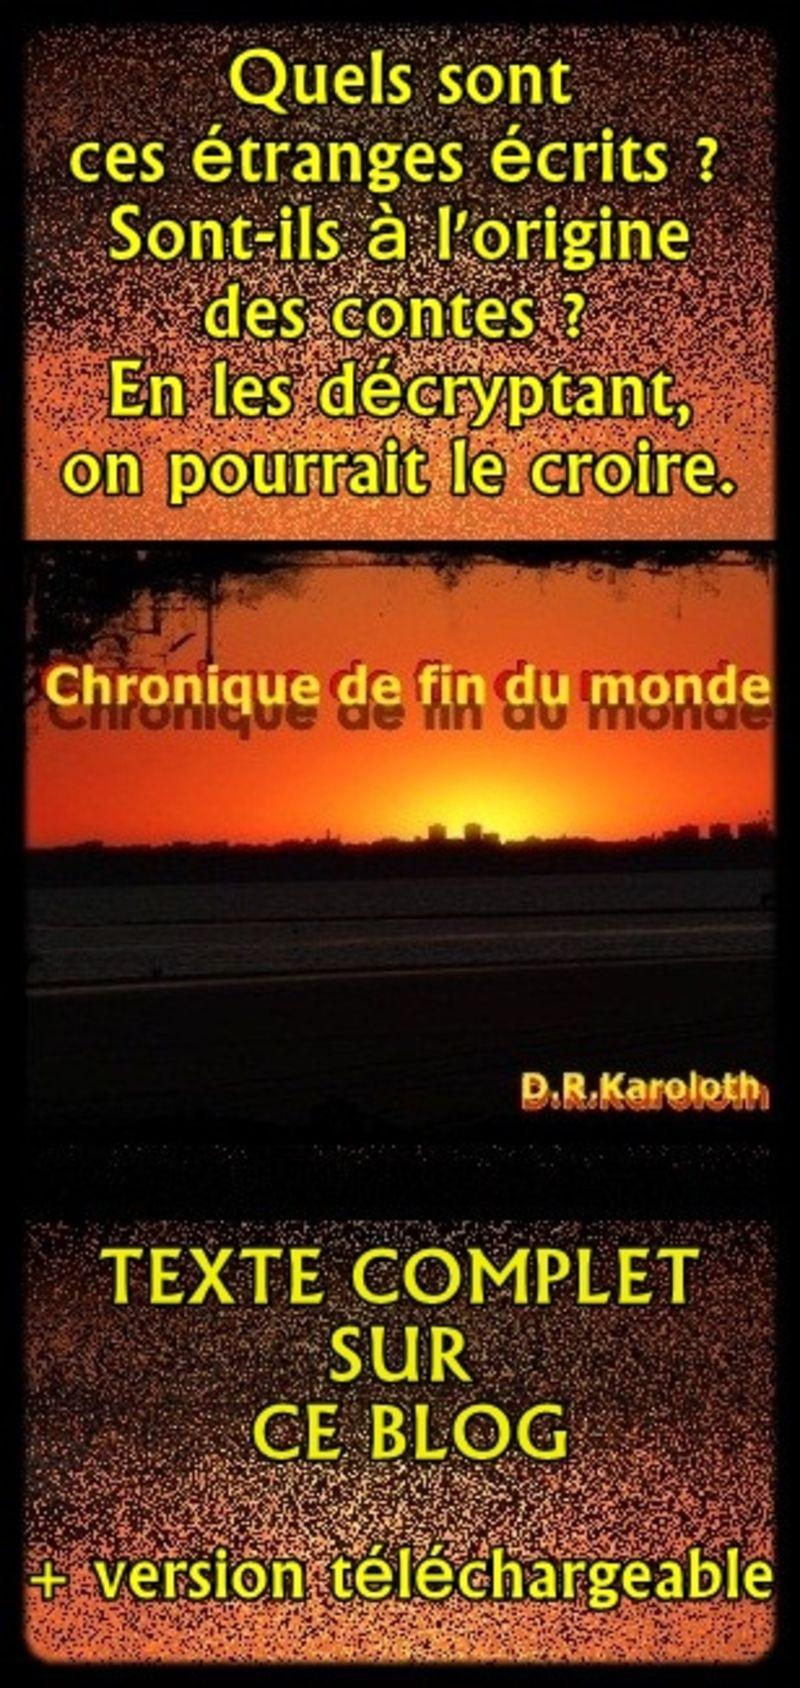 Chronique-Gros-Plan-VT-DRK.jpg